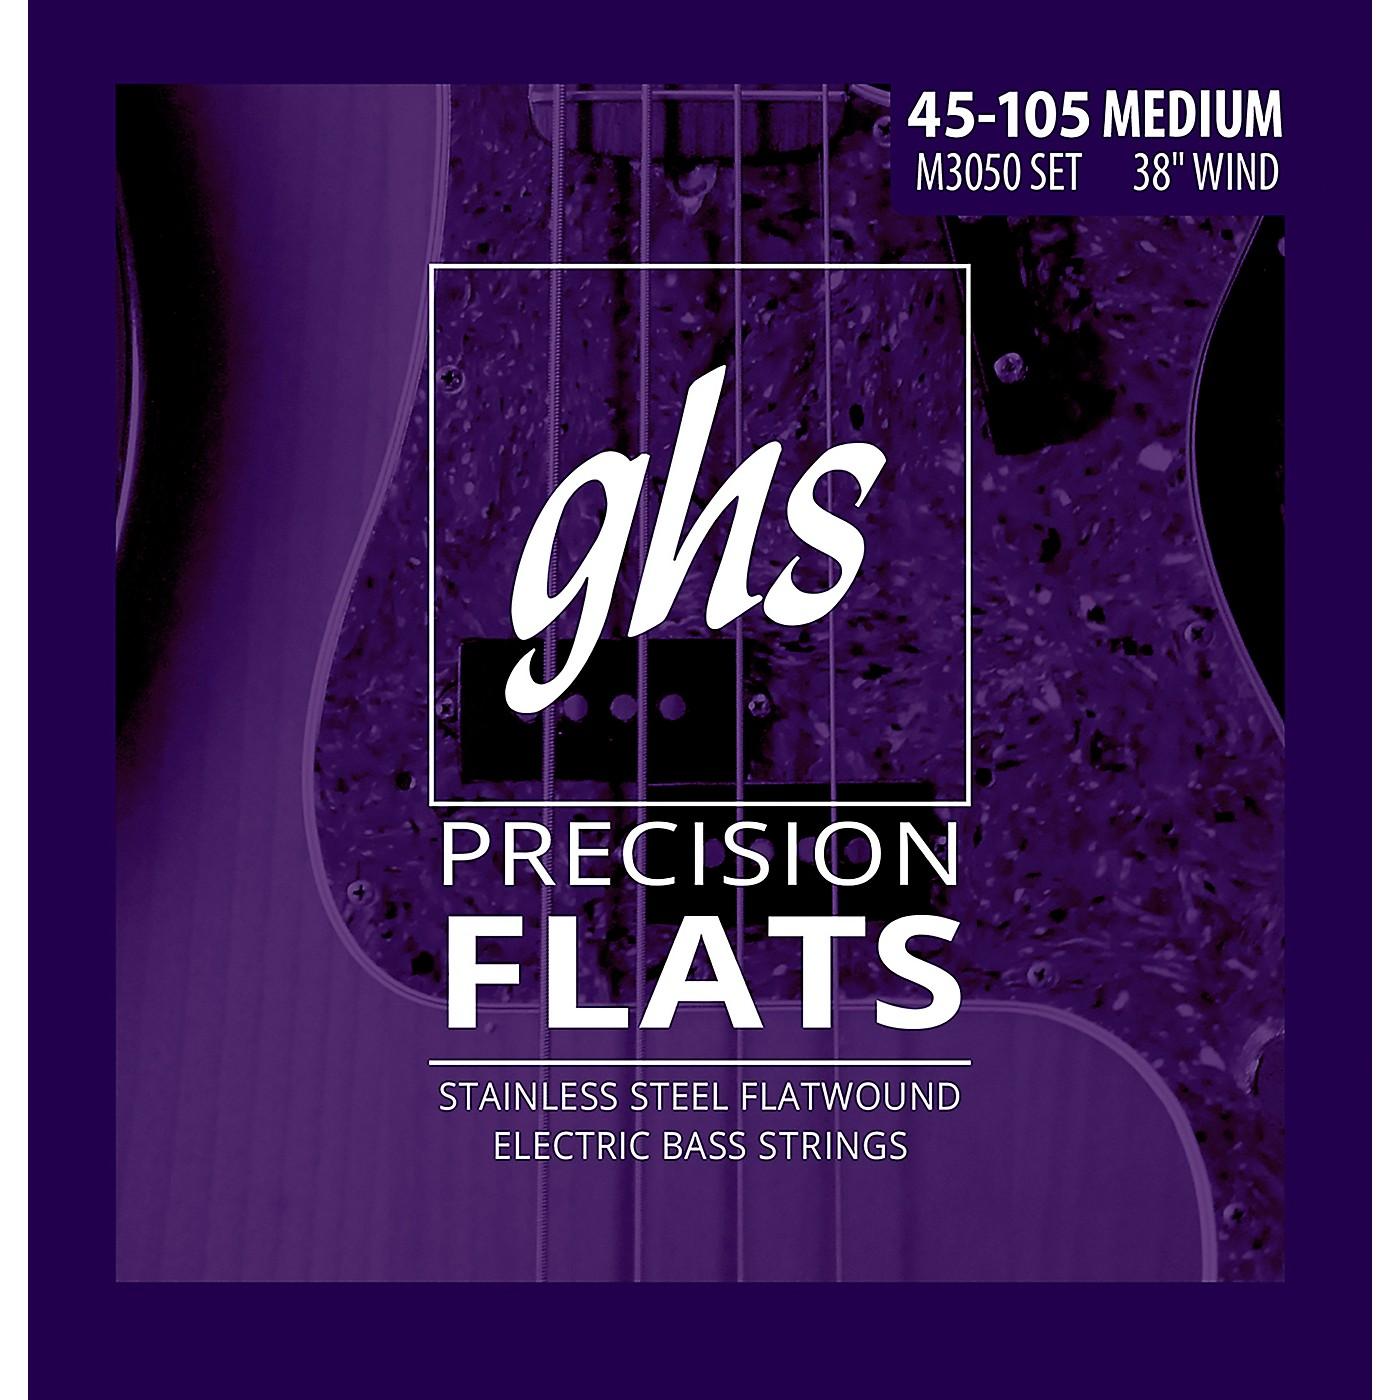 GHS M3050 Precision Flatwound Bass Strings Medium thumbnail